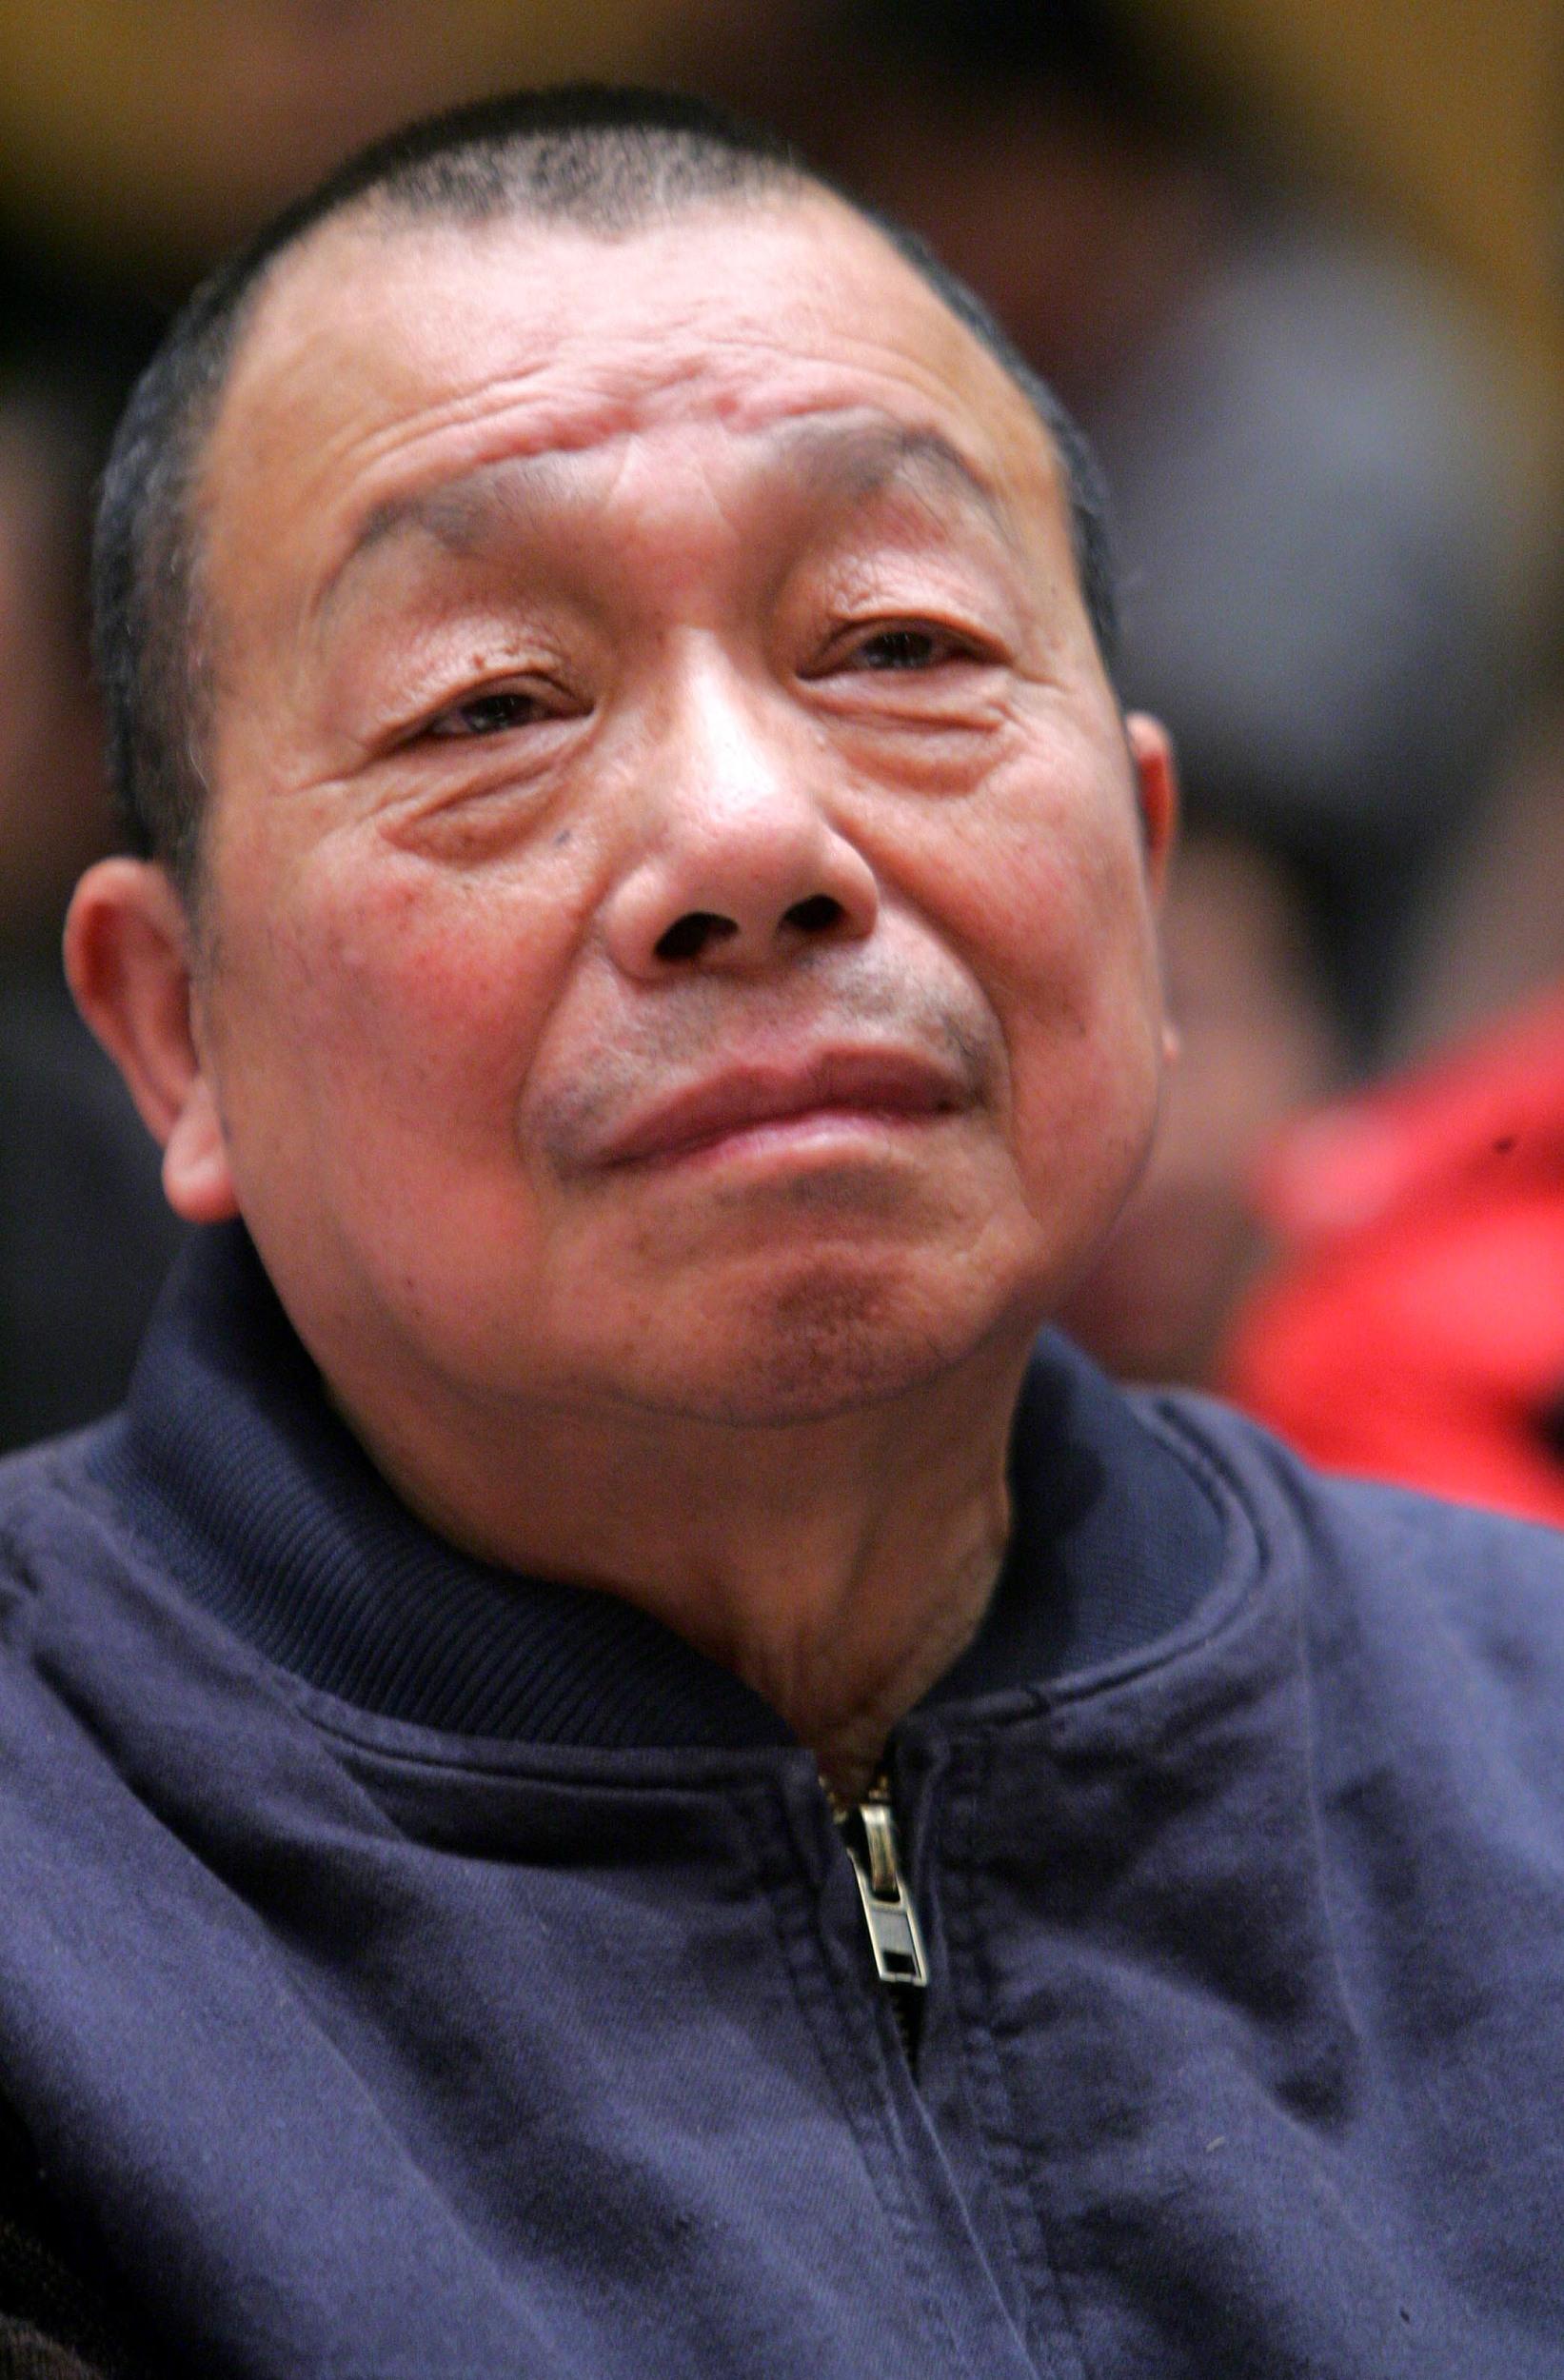 华阴交友_见证双虹_李永波老婆